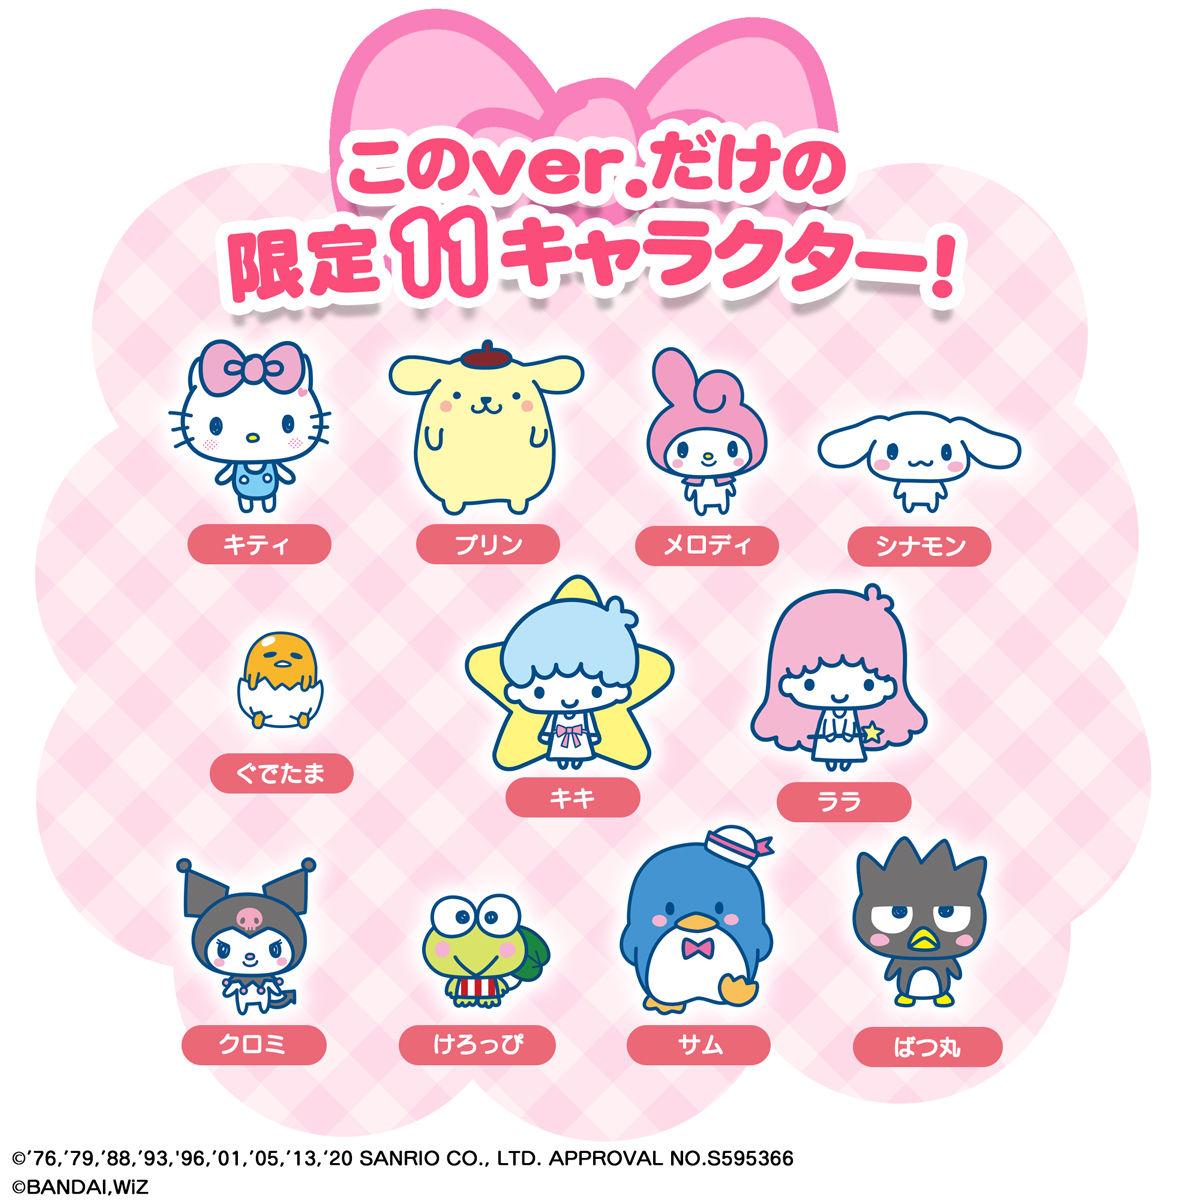 たまごっちみーつ サンリオキャラクターズDXセット